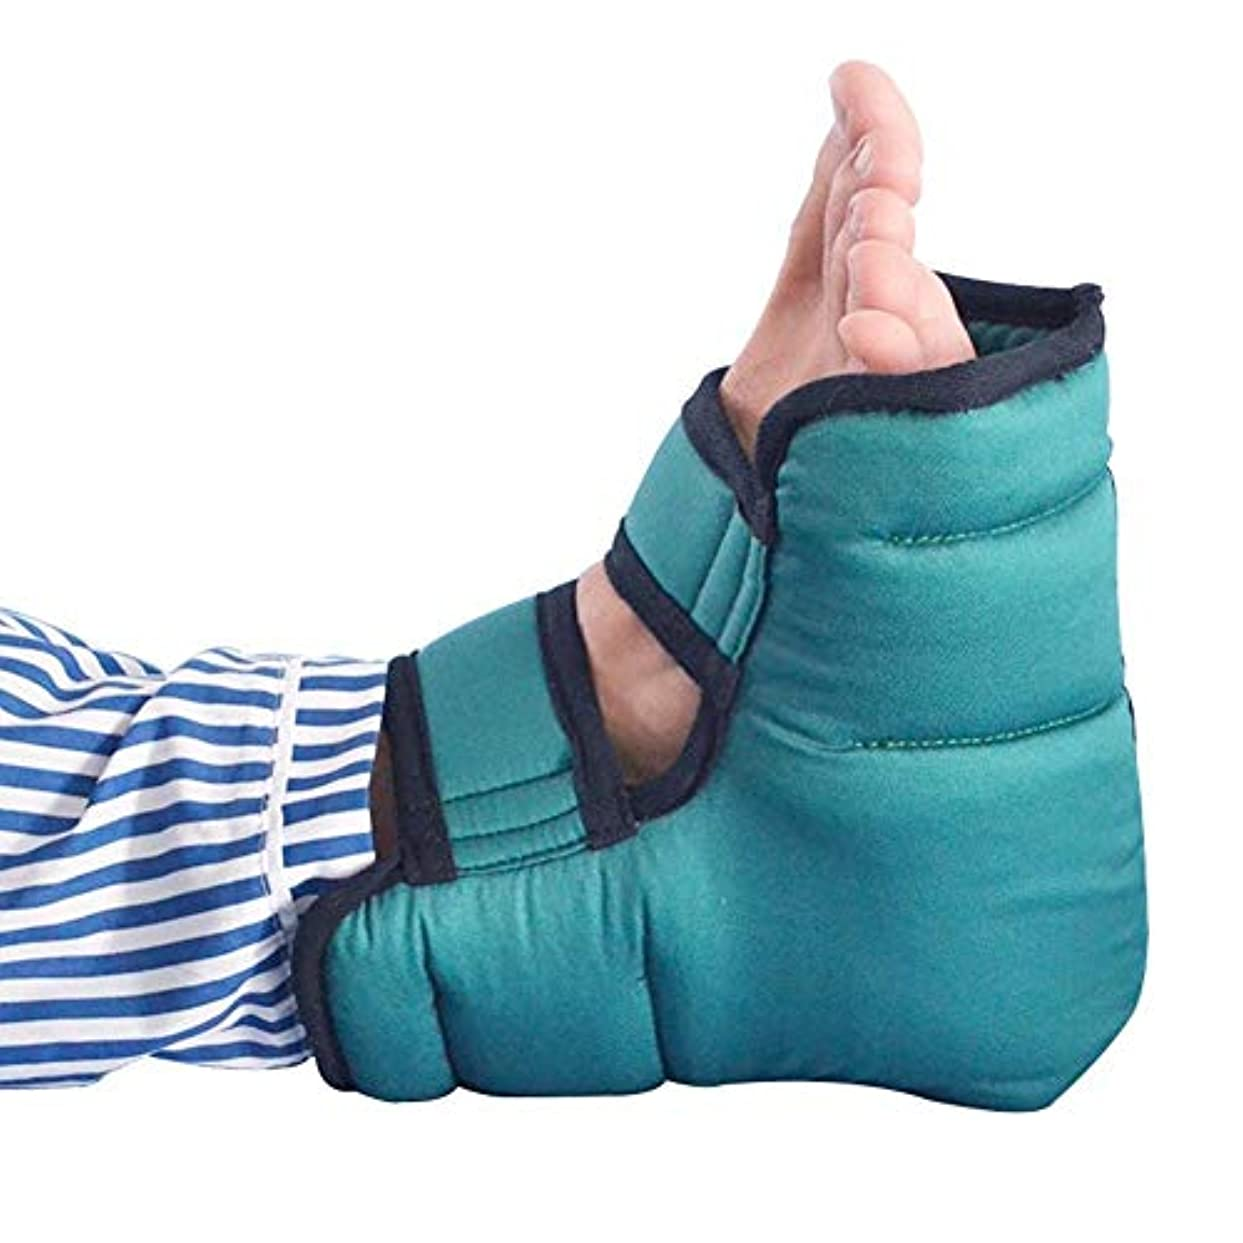 無謀機械的ビタミン褥瘡防止綿通気性ヒールクッション、圧力緩和ヒールプロテクター、ヒール保護、1ペア、24×23 cm